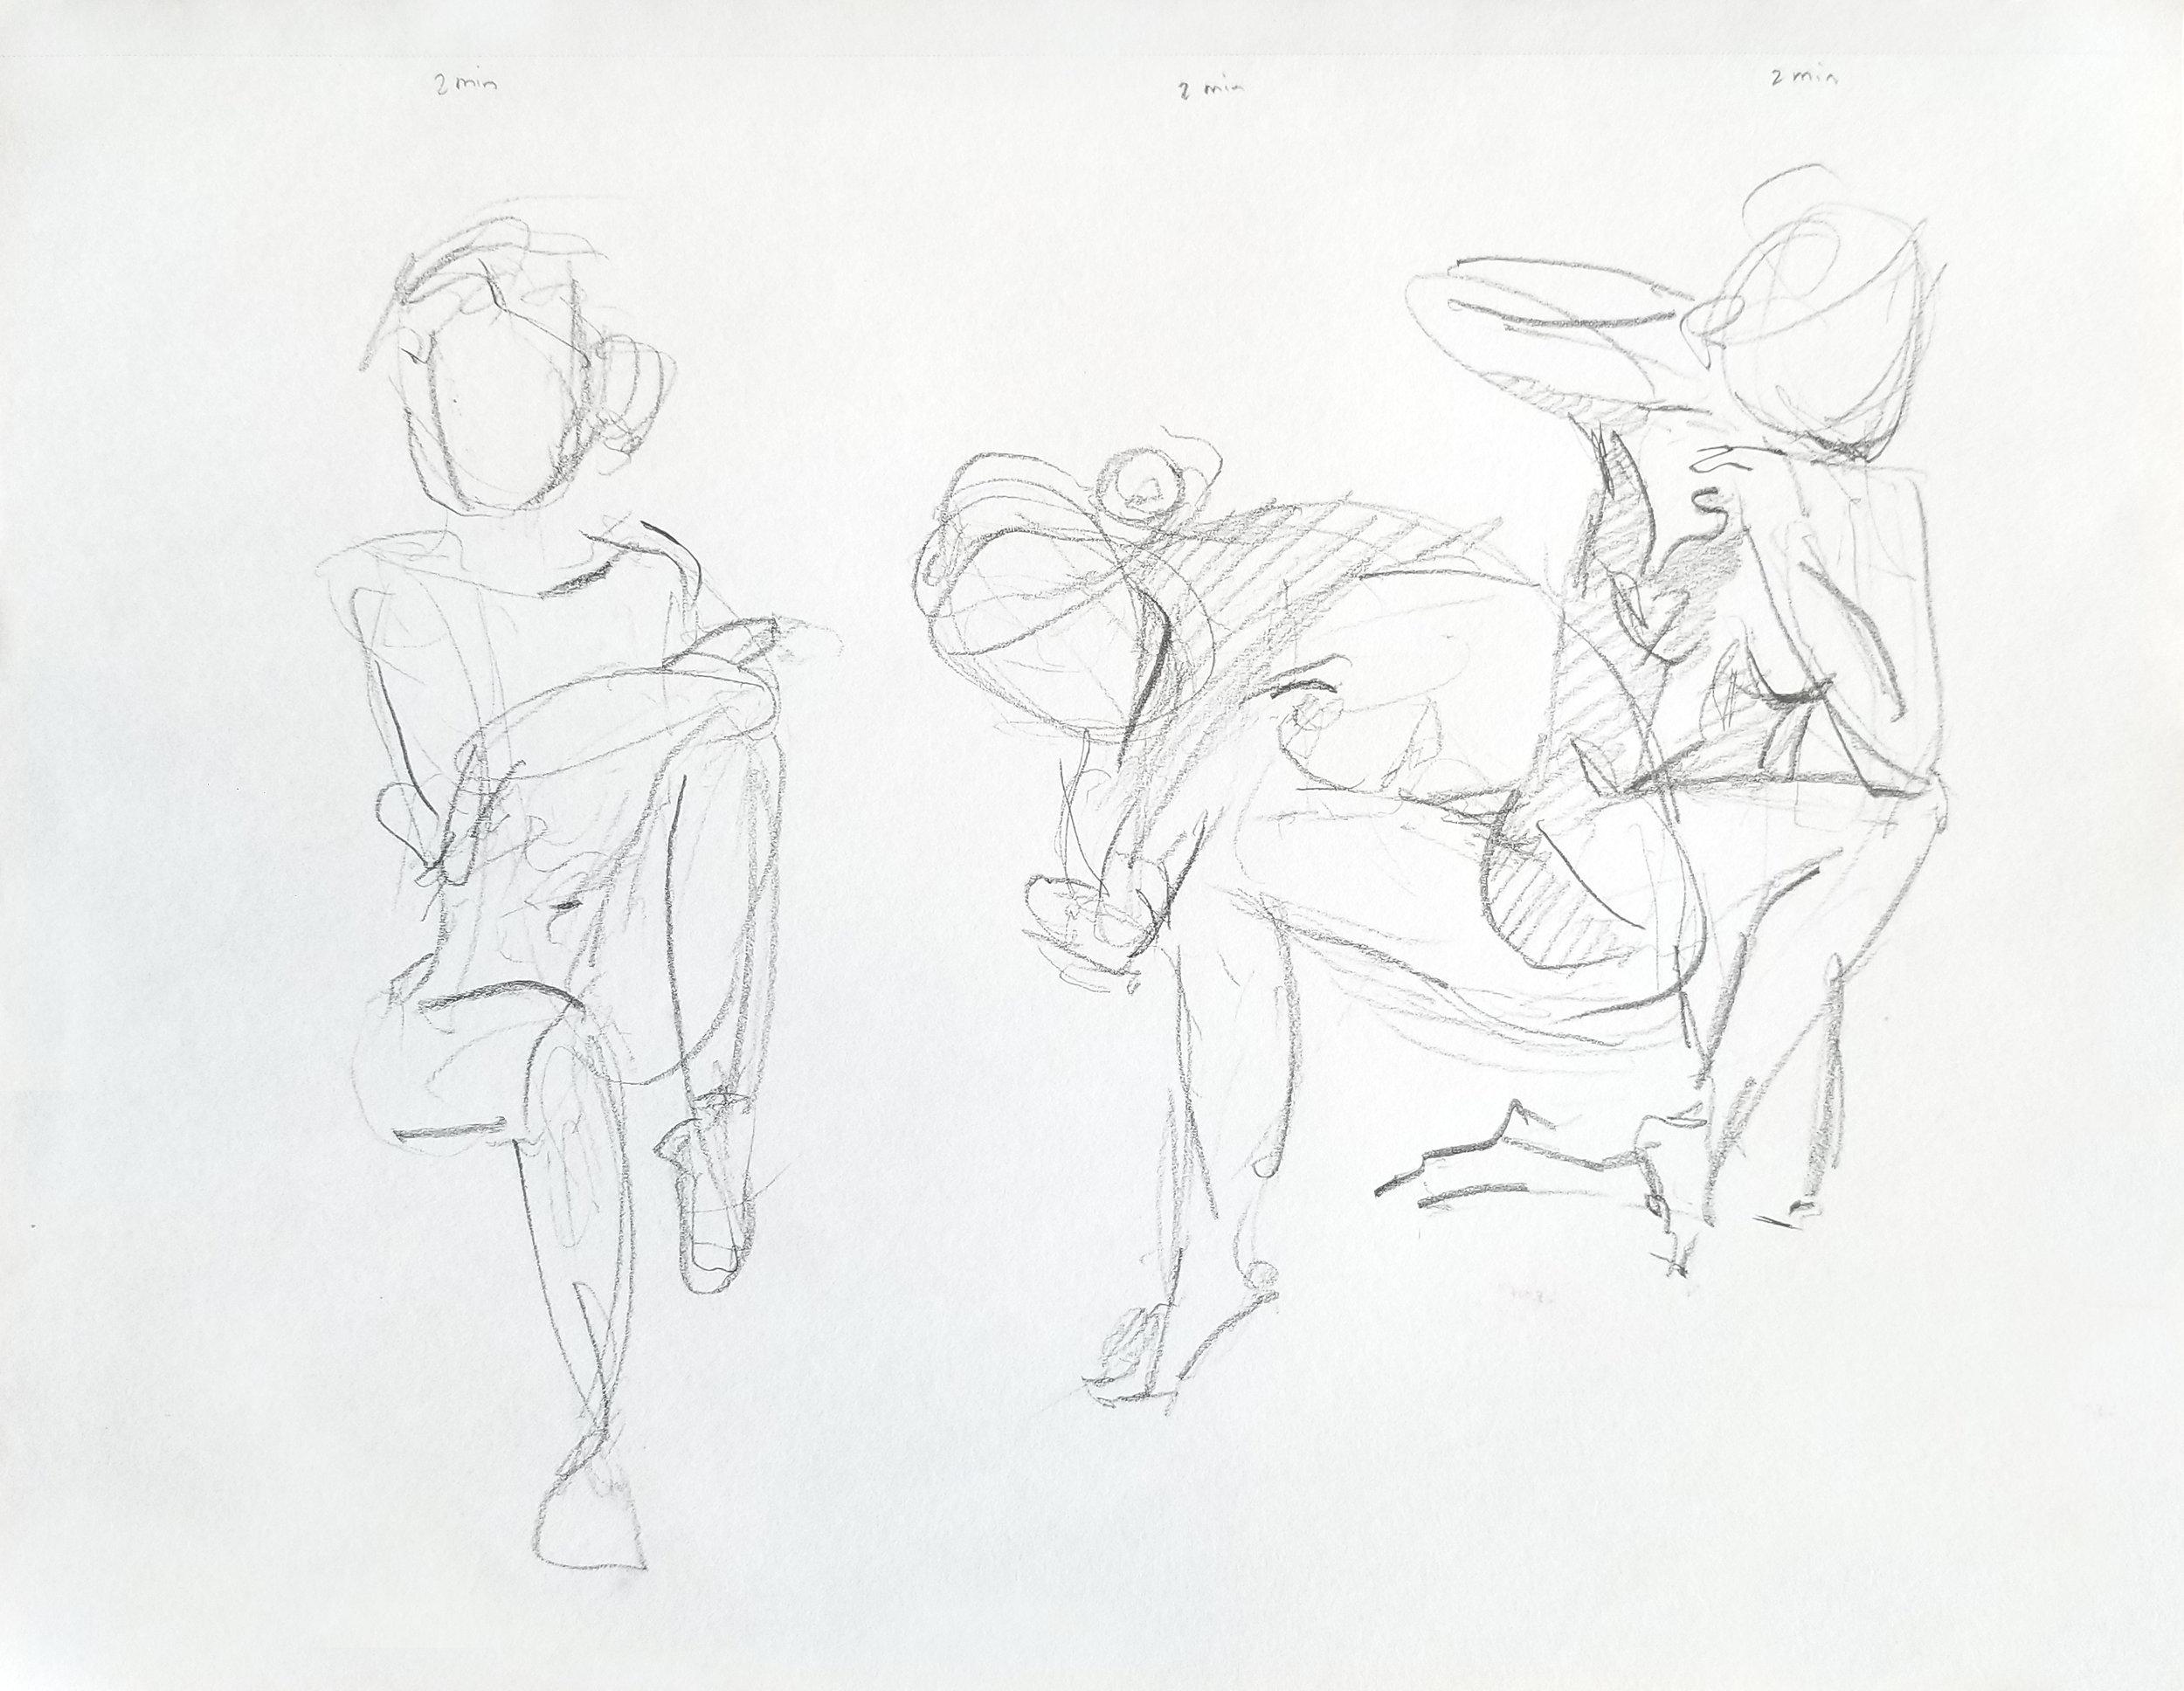 figures 1